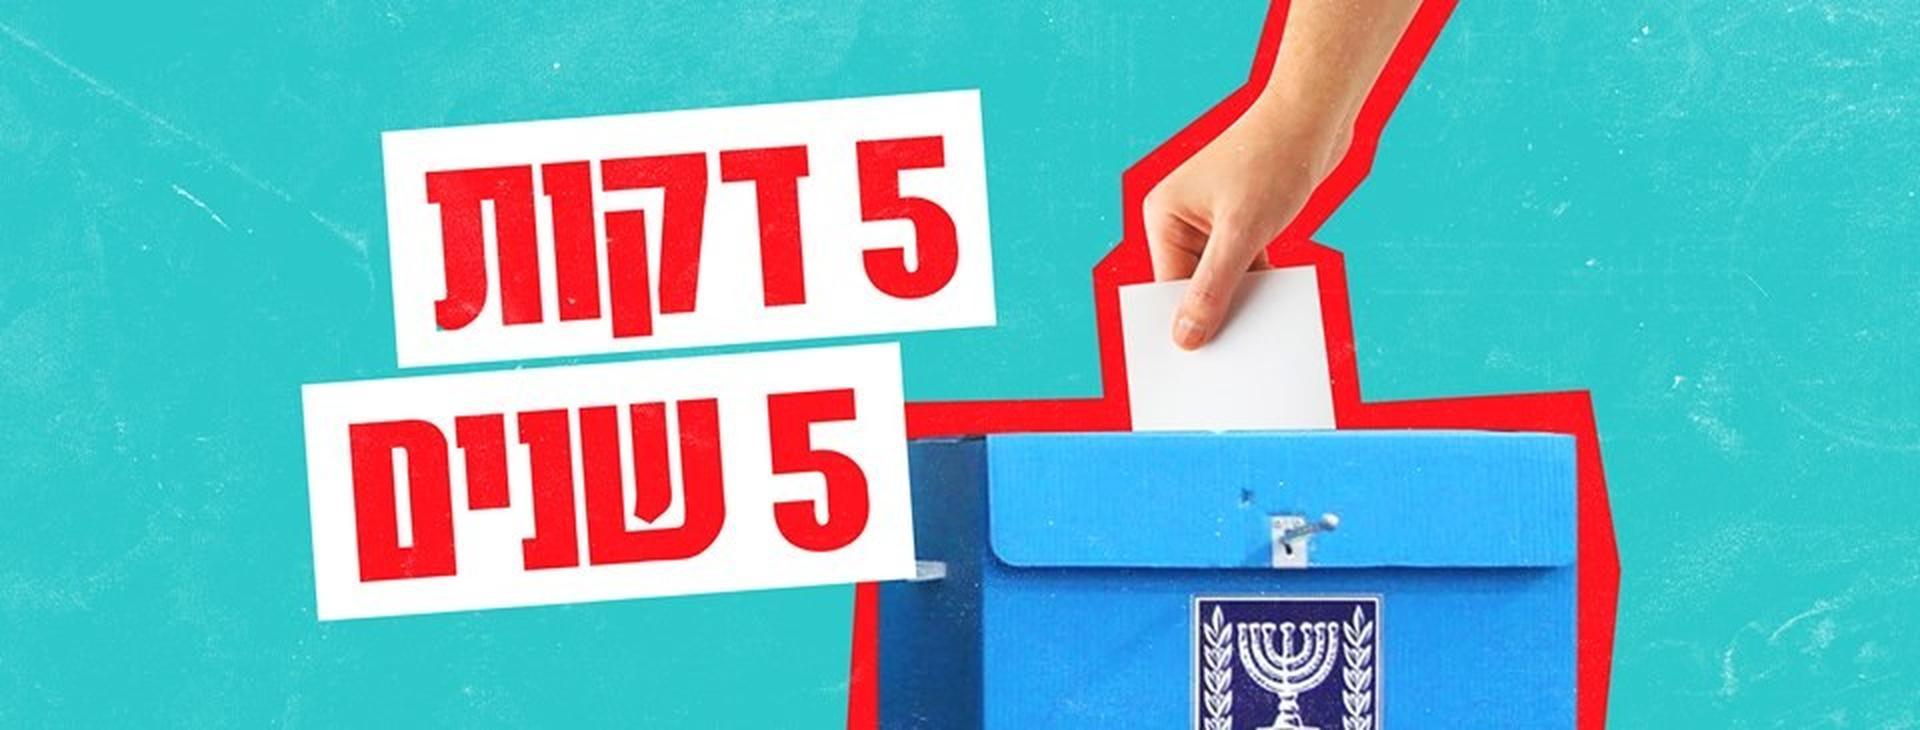 5 דקות 5 שנים   צילום מסך לוגו הקמפיין